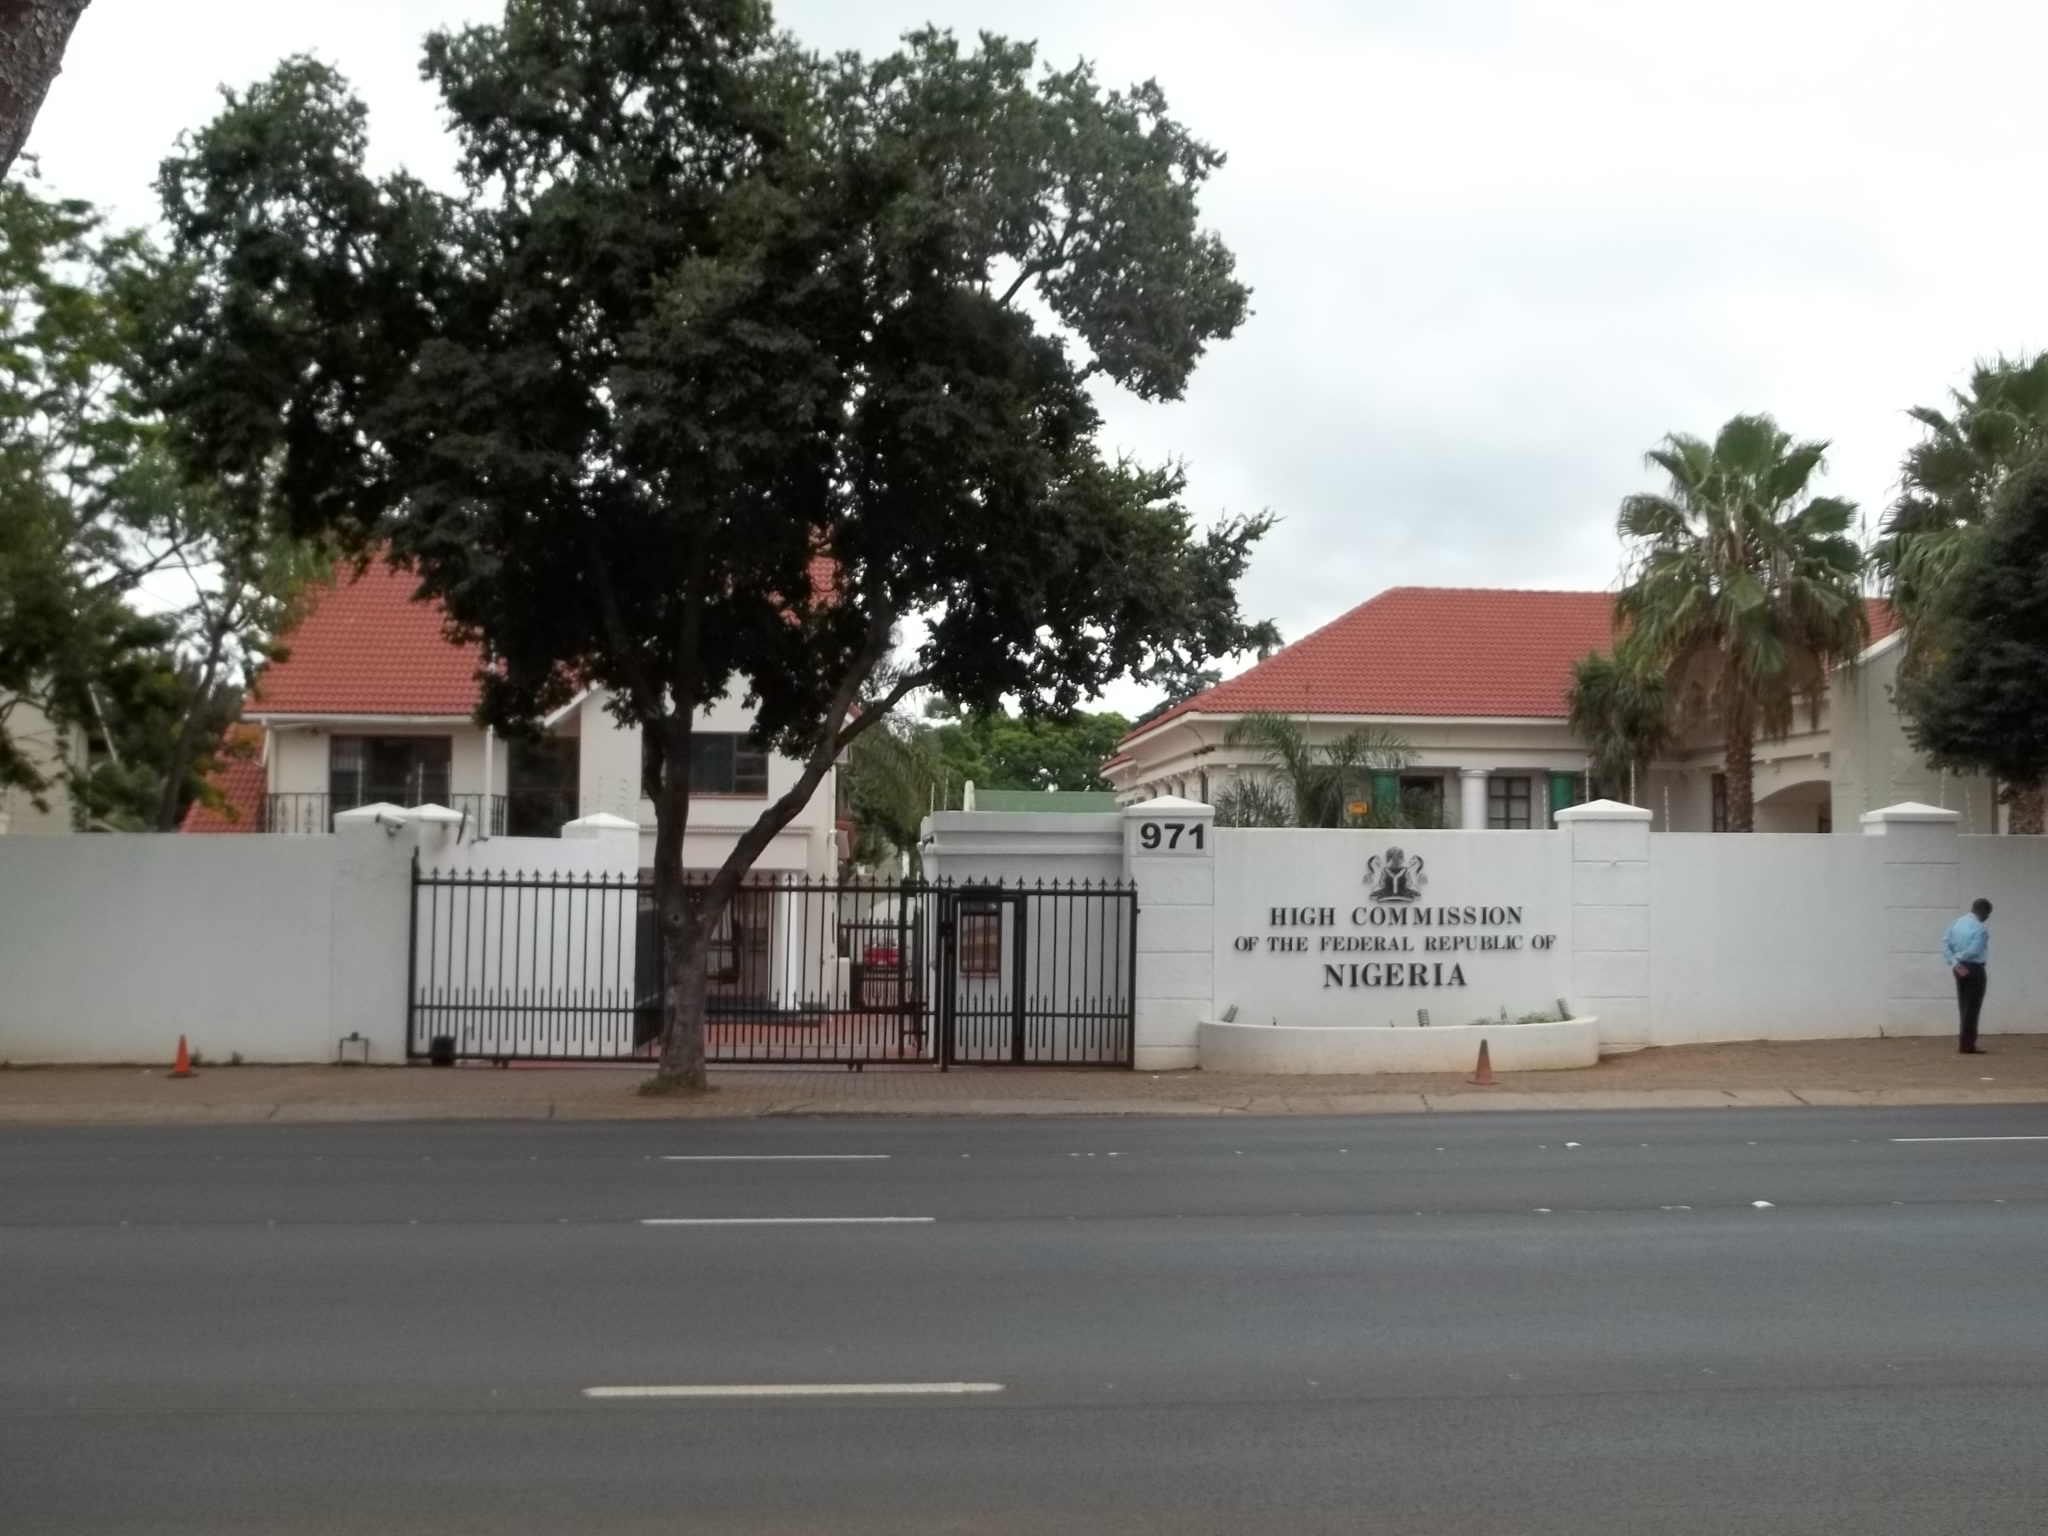 Nigerian_High_Commission_in_Pretoria